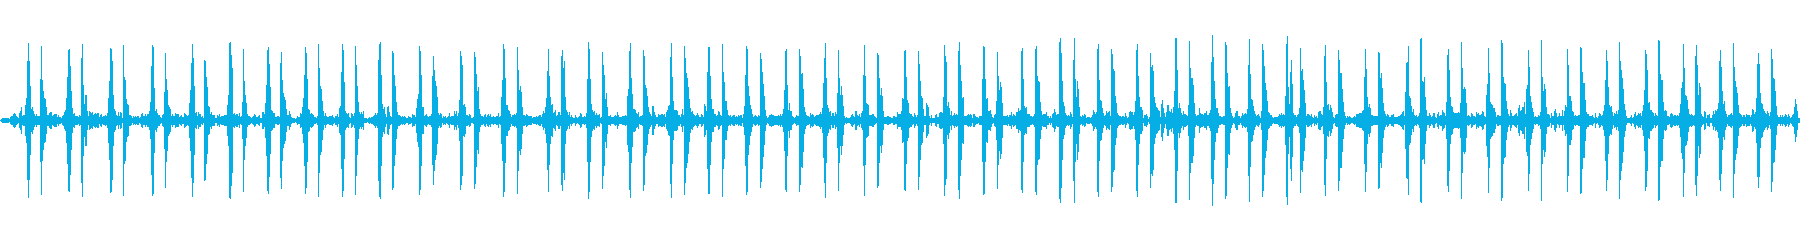 【特殊音】心臓の音の再生済みの波形